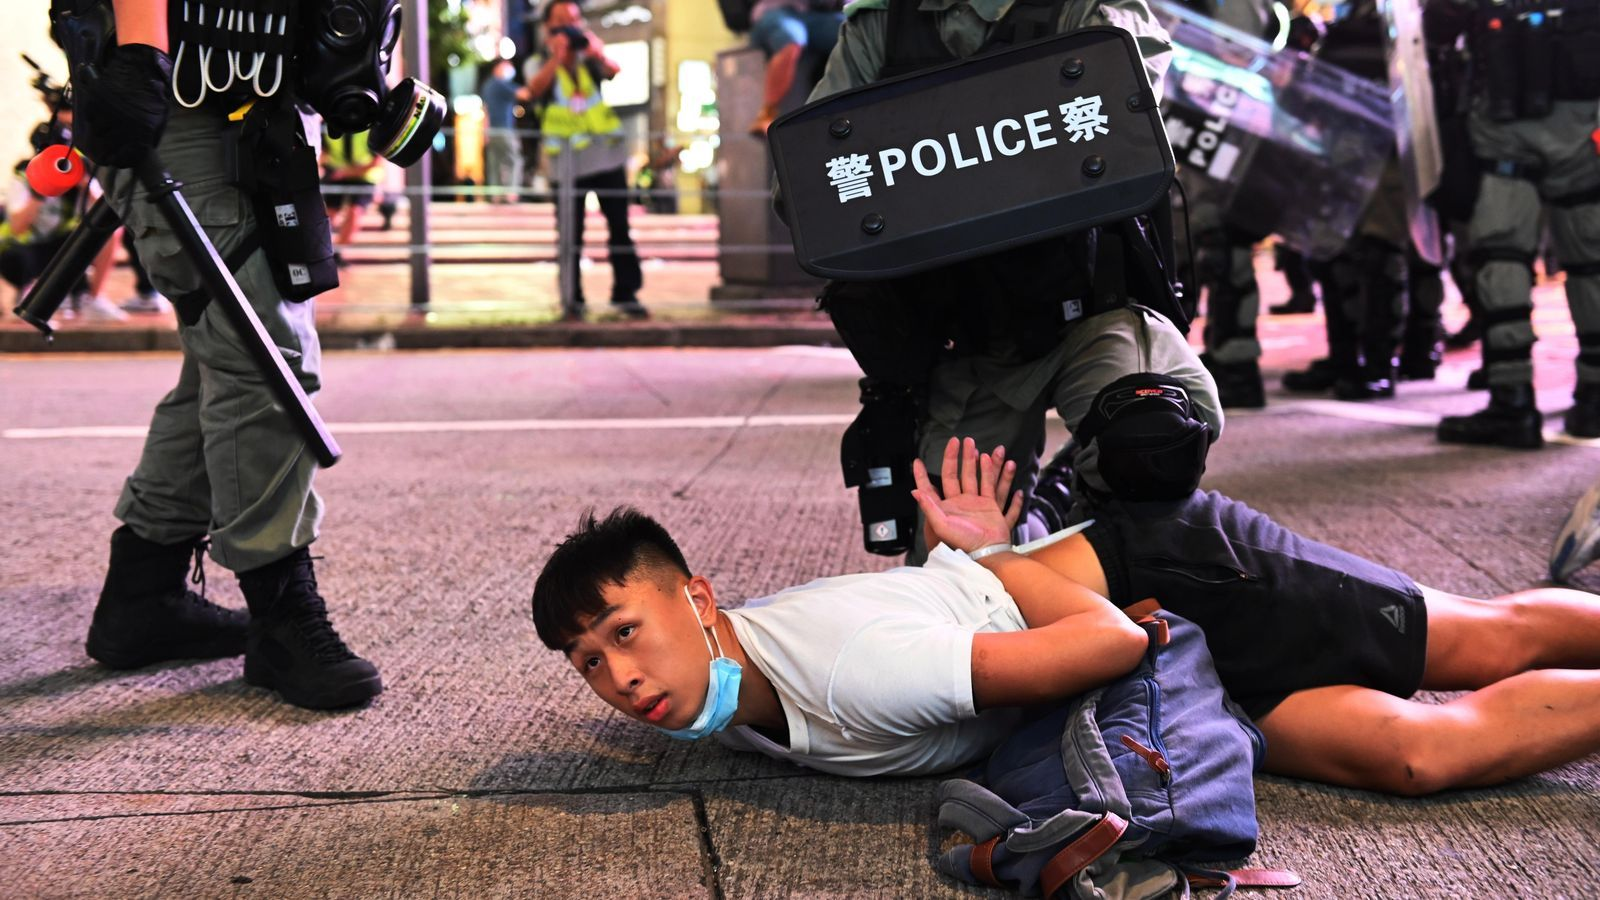 Un manifestant [es detingut als carrers de Hong Kong aquest dimecres, després de protestar per la nova llei de seguretat nacional